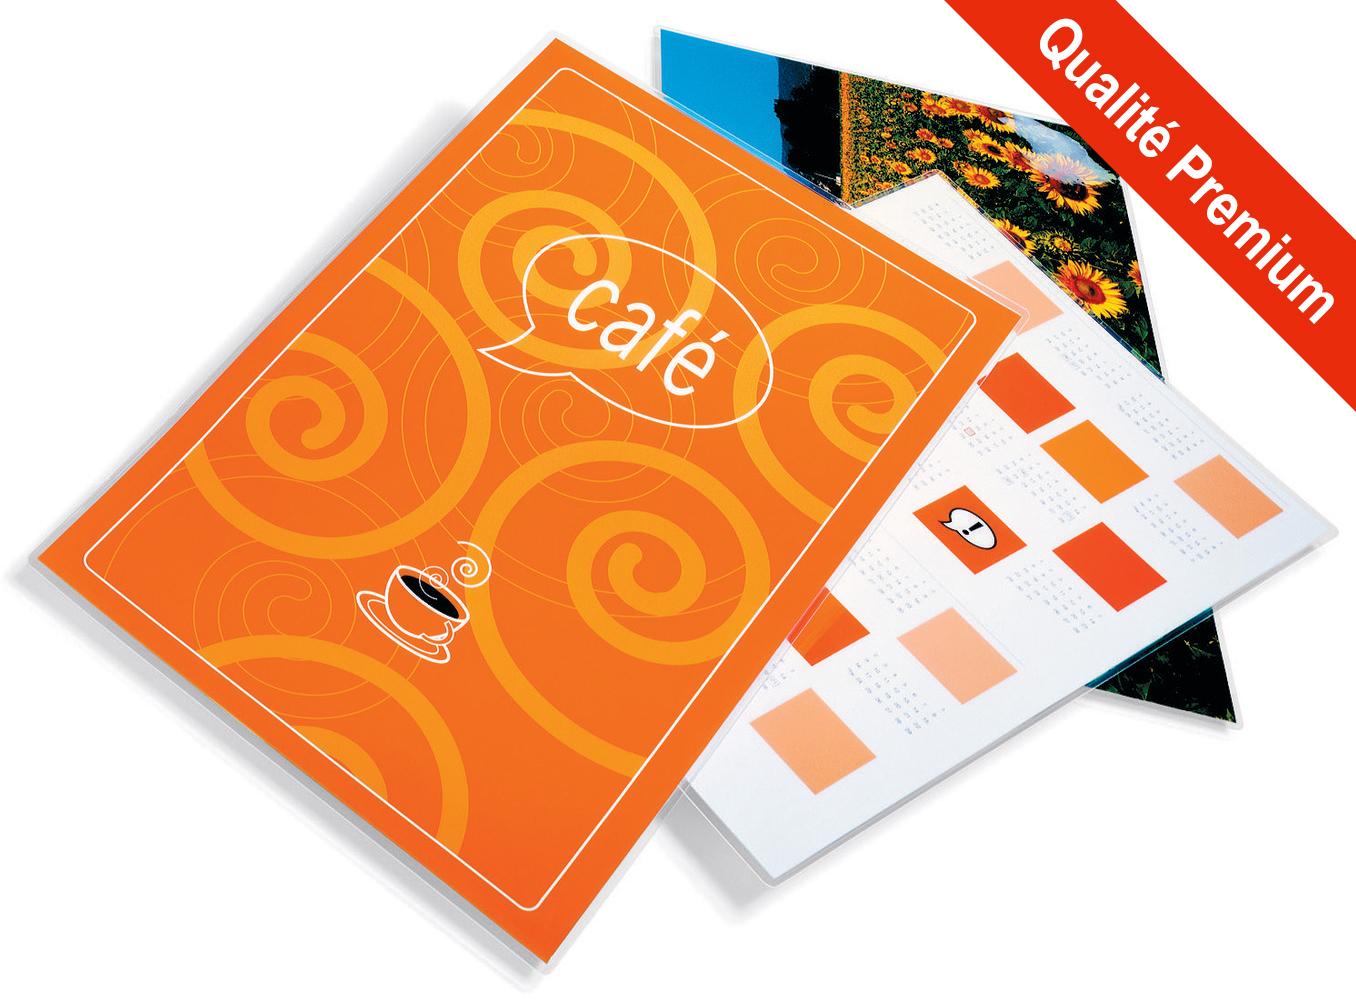 Pochettes finition Brillant - Format A4 - 303 x 216 mm - <span style='font-weight:bold; color:#E82C0C;'>Qualité Premium</span>